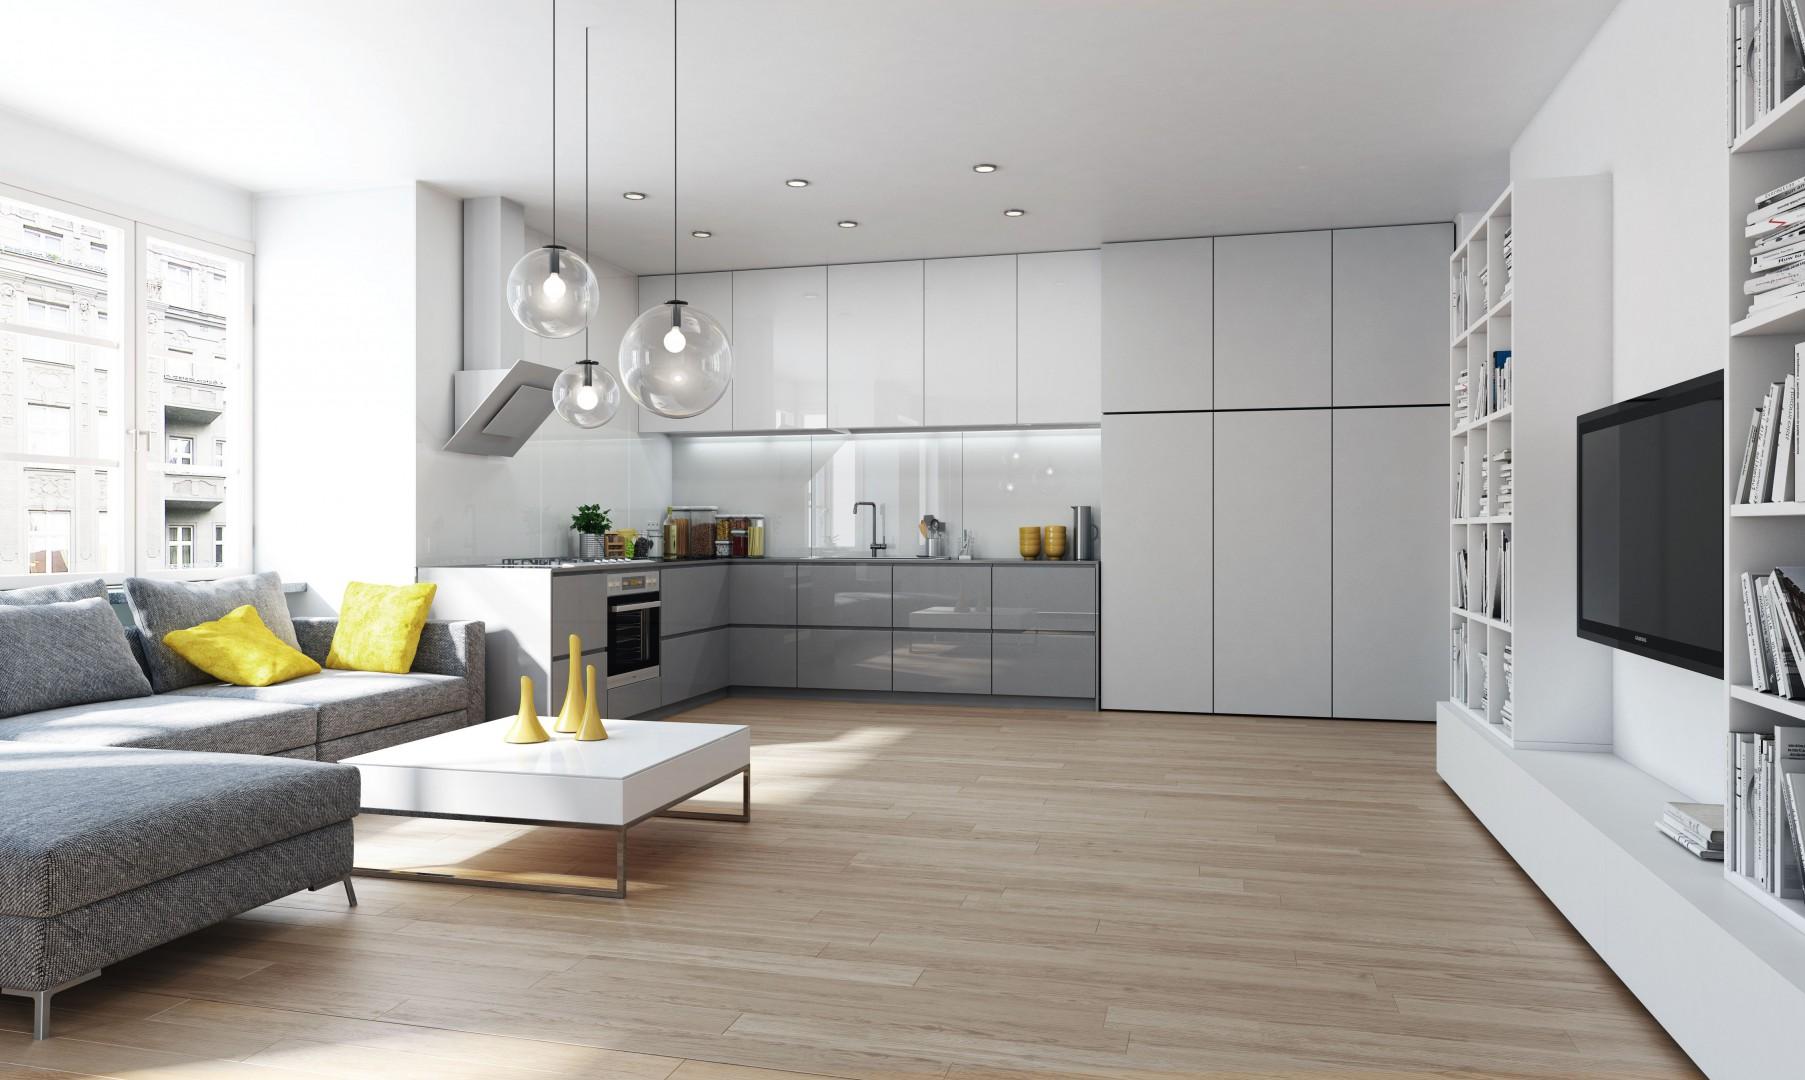 Urządzamy Salon Z Kuchnią Jak Je ładnie Połączyć Meble